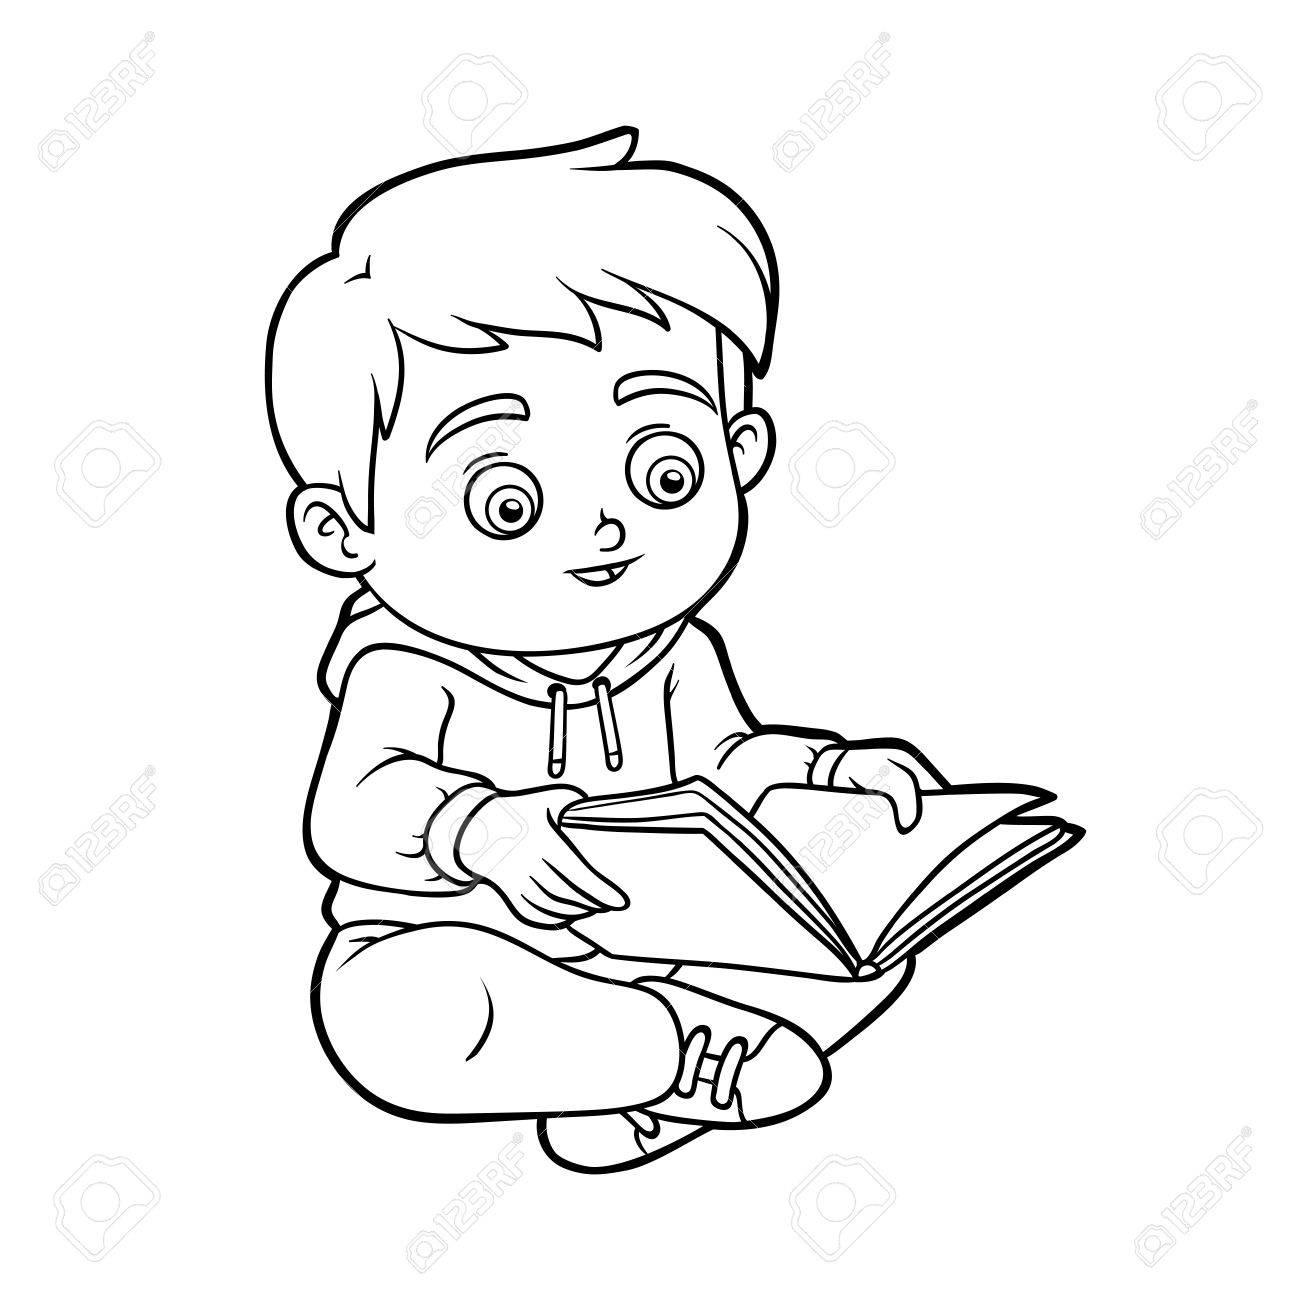 Libro Para Colorear Para Niños, Niño Leyendo Un Libro Ilustraciones ...